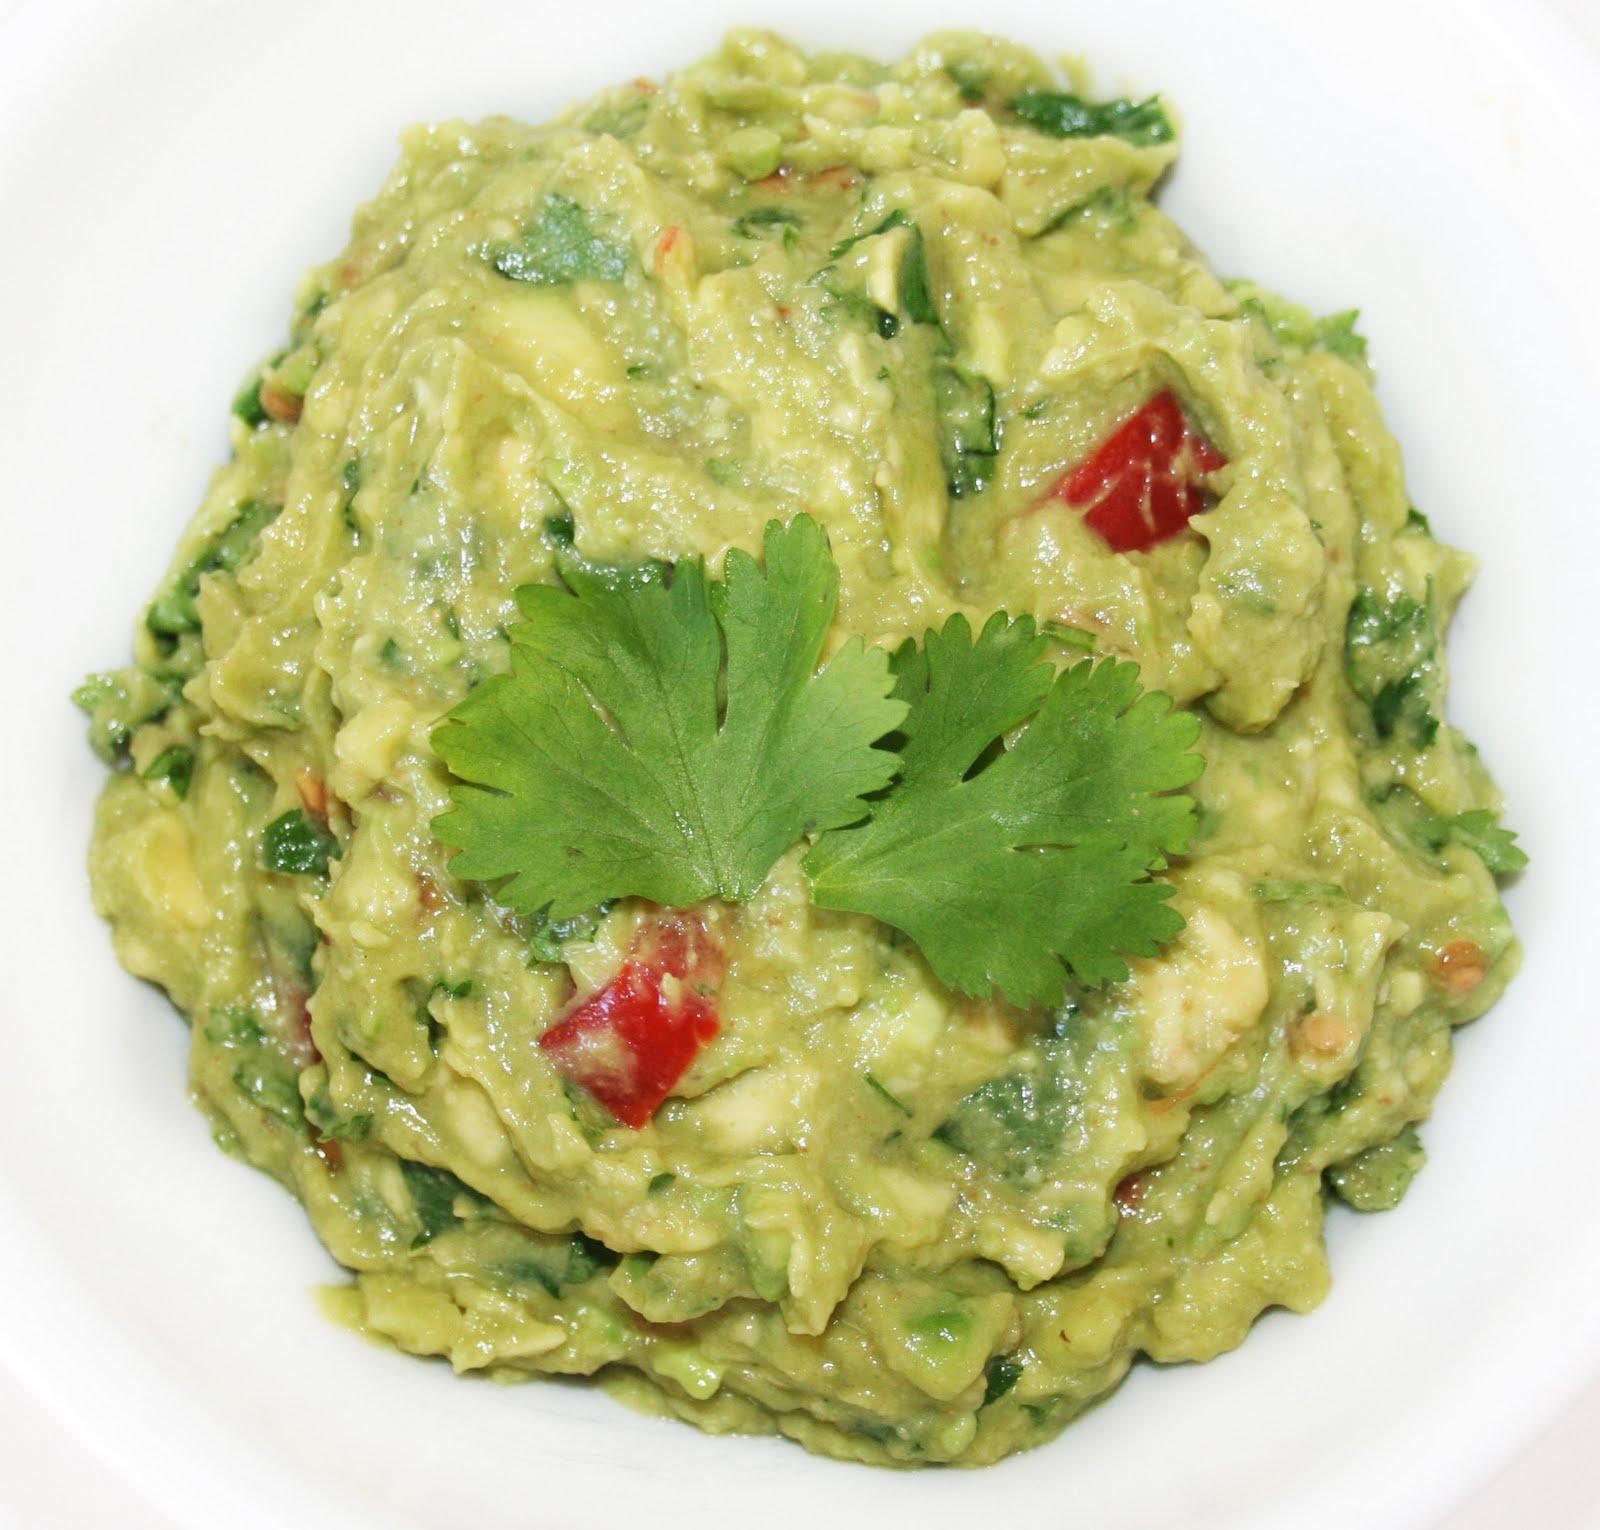 vous donne ici la recette originale mexicaine du guacamole guacamole ...